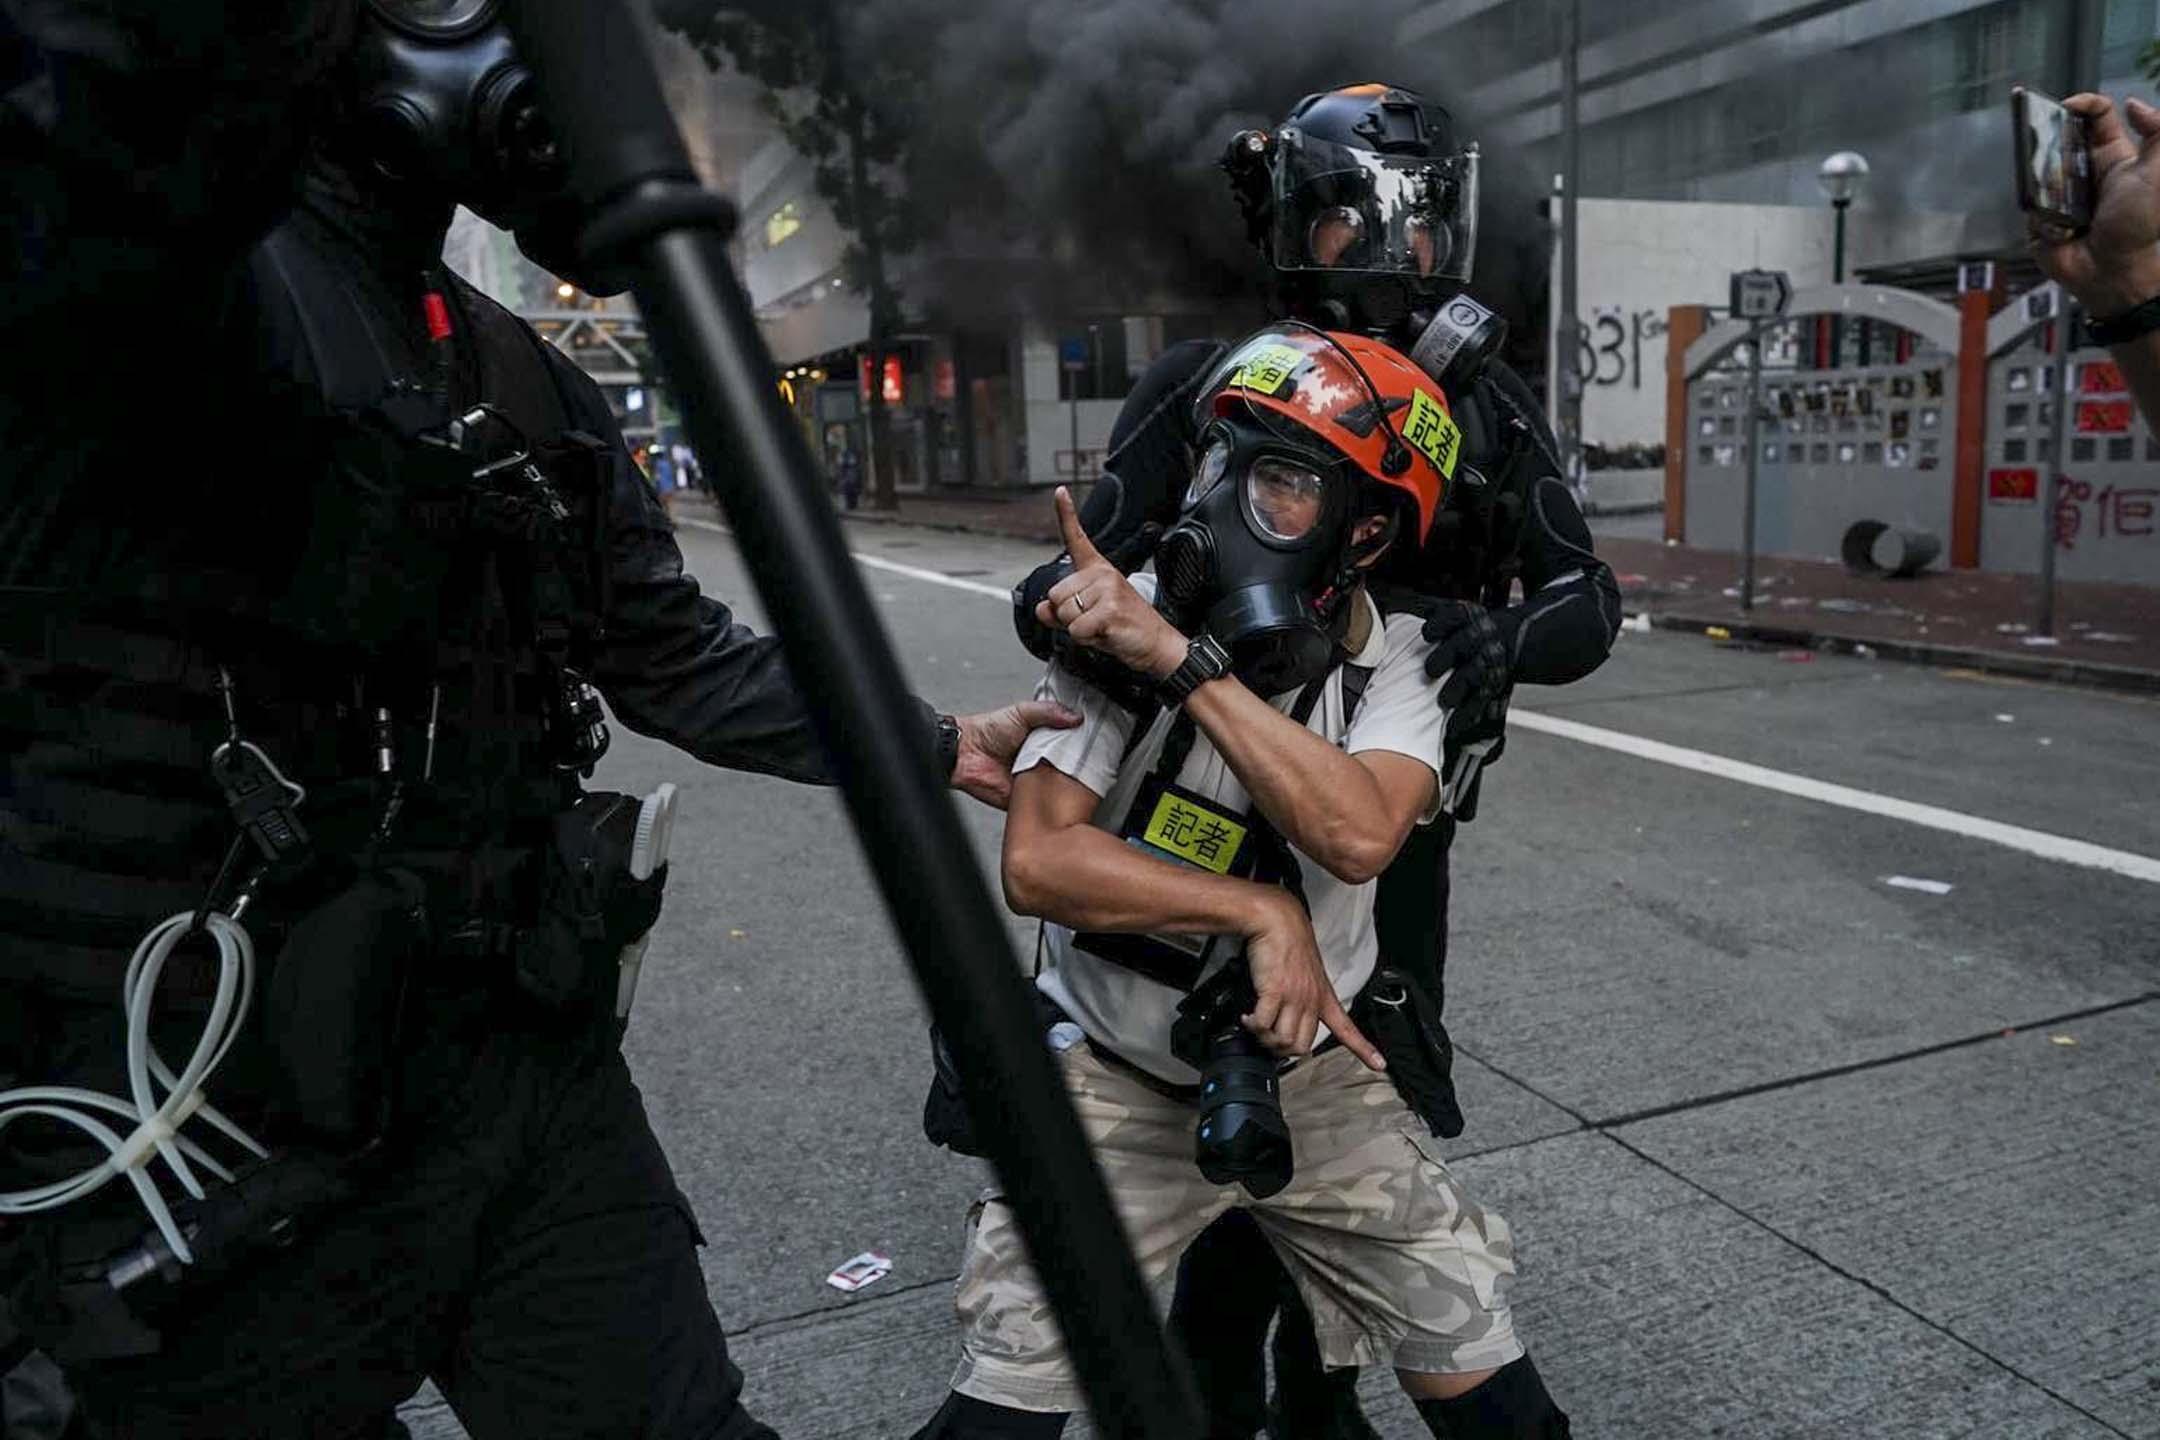 2019年9月29日,美聯社攝影記者余偉建在灣仔採訪示威期間遭防暴警察推撞。 圖:受訪者提供